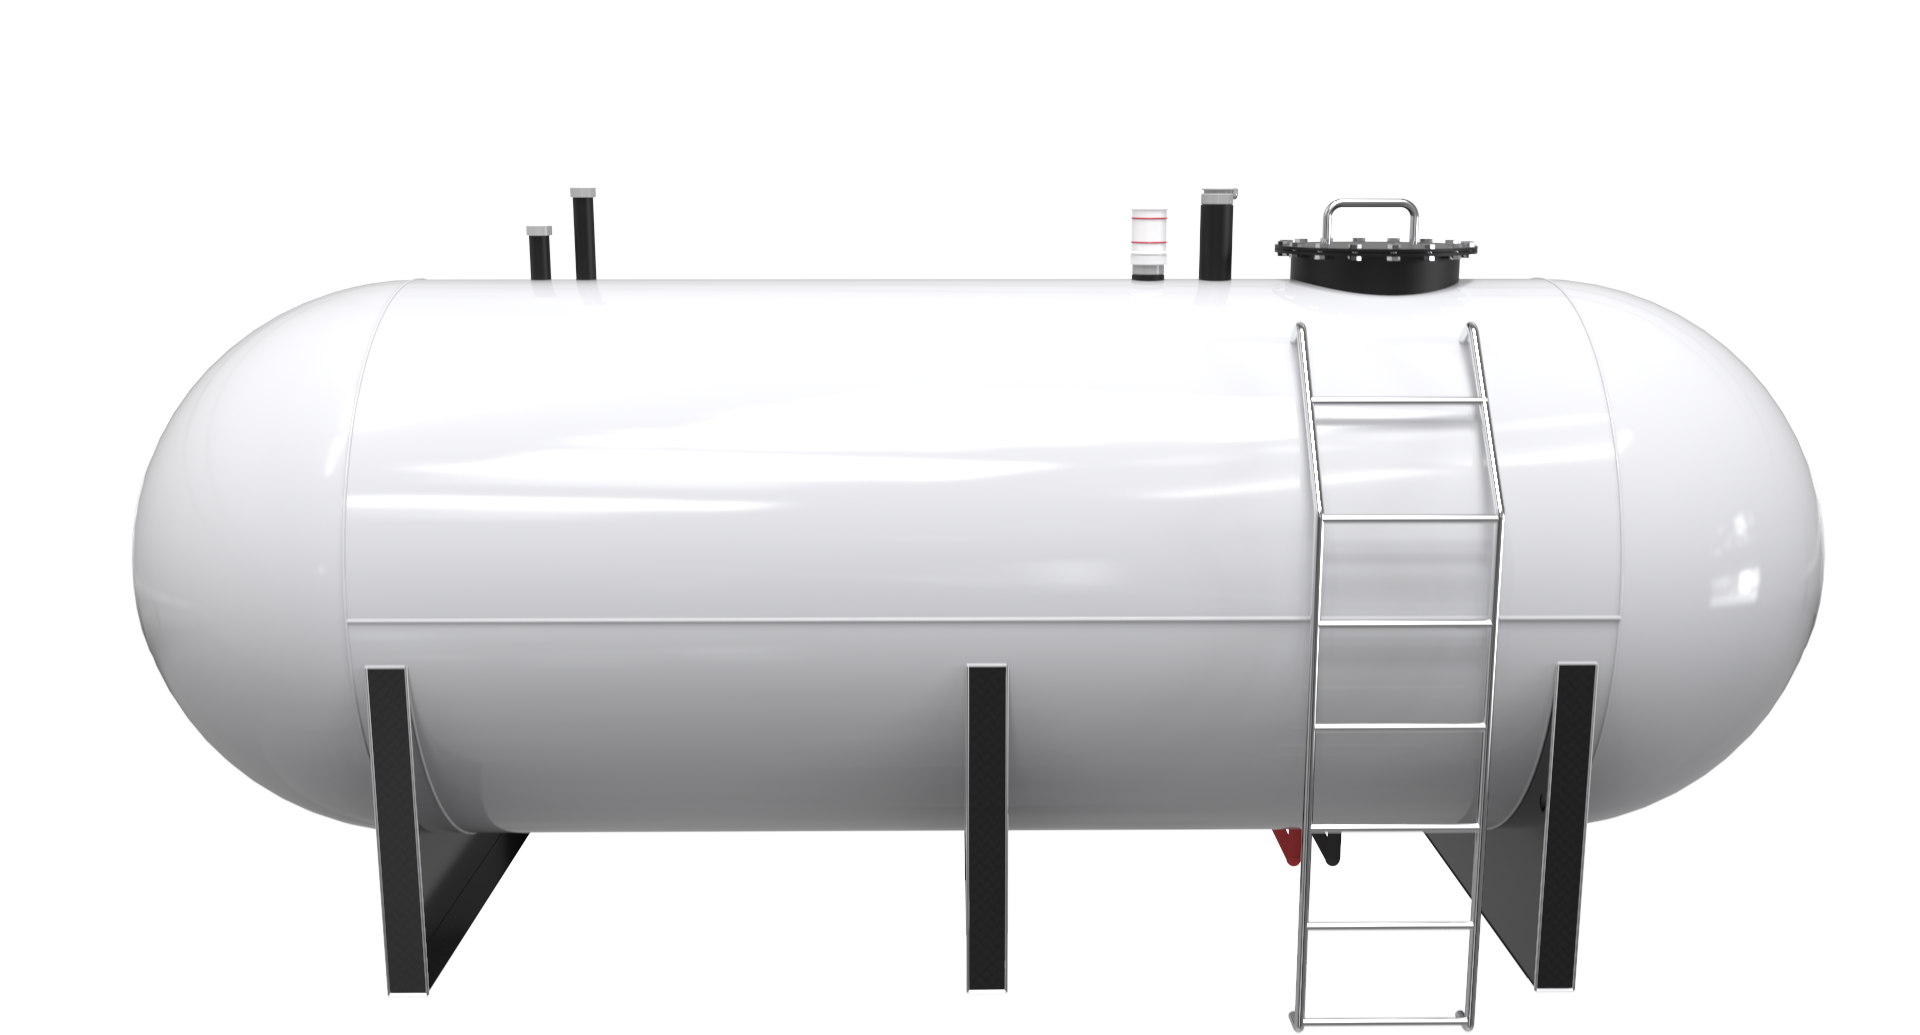 distributeur combustibles kit fioul gestion niveau smart mazout cuve